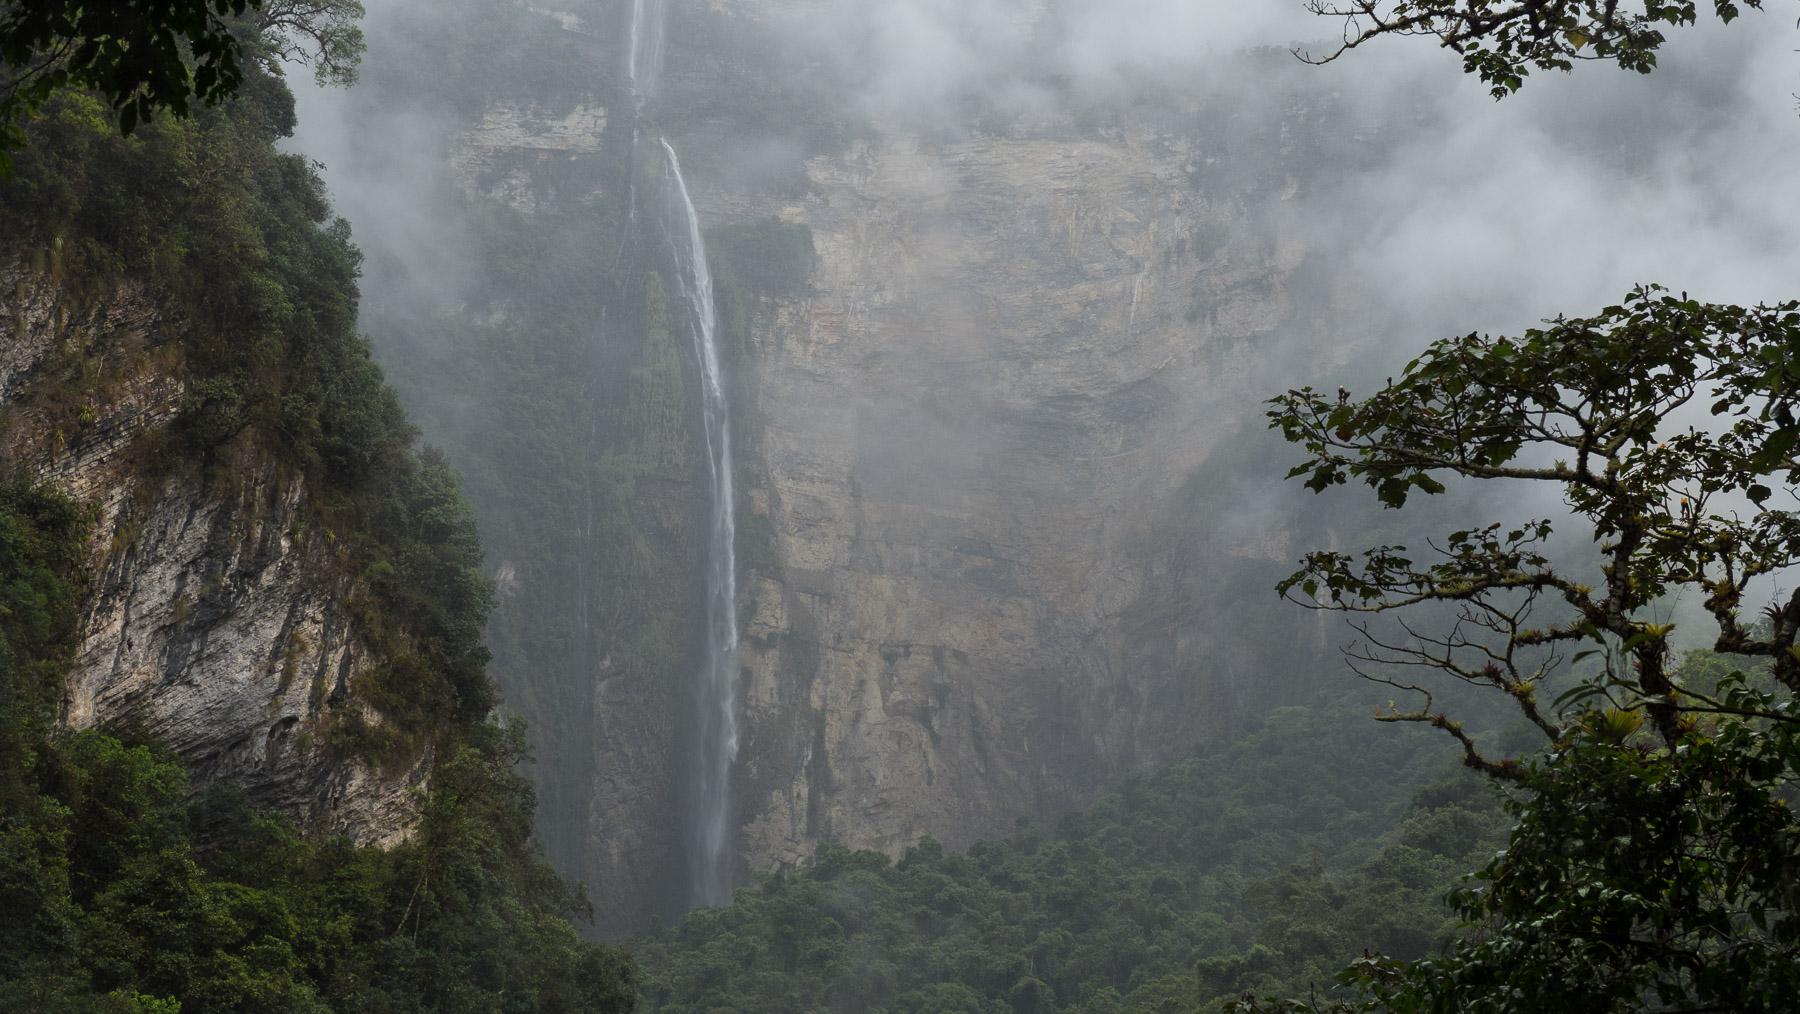 Schöne Wanderung zum Gocta Wasserfall durch dichten Regenwald